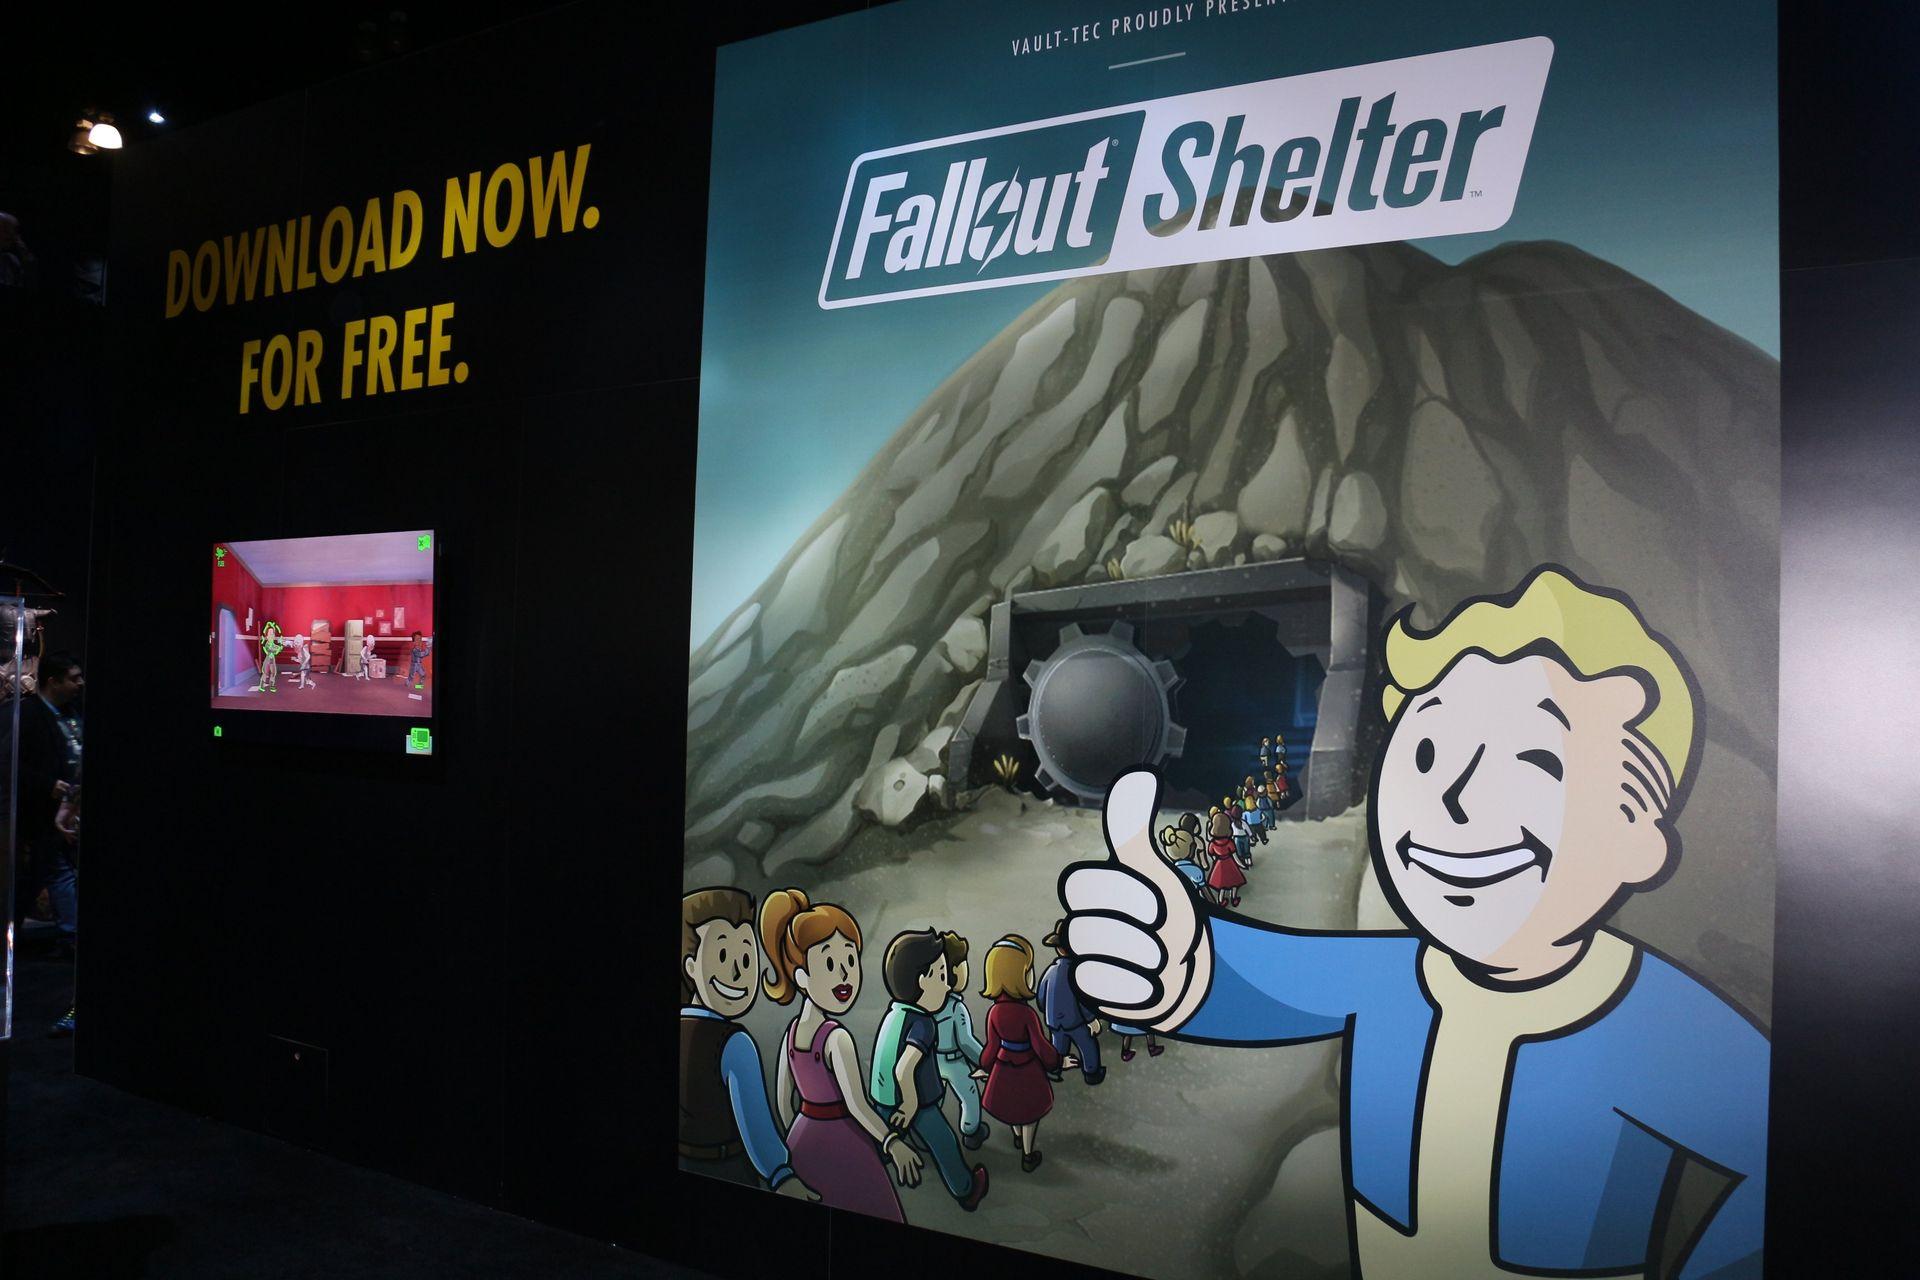 弟分の「Fallout Shelter」もアップデート継続中